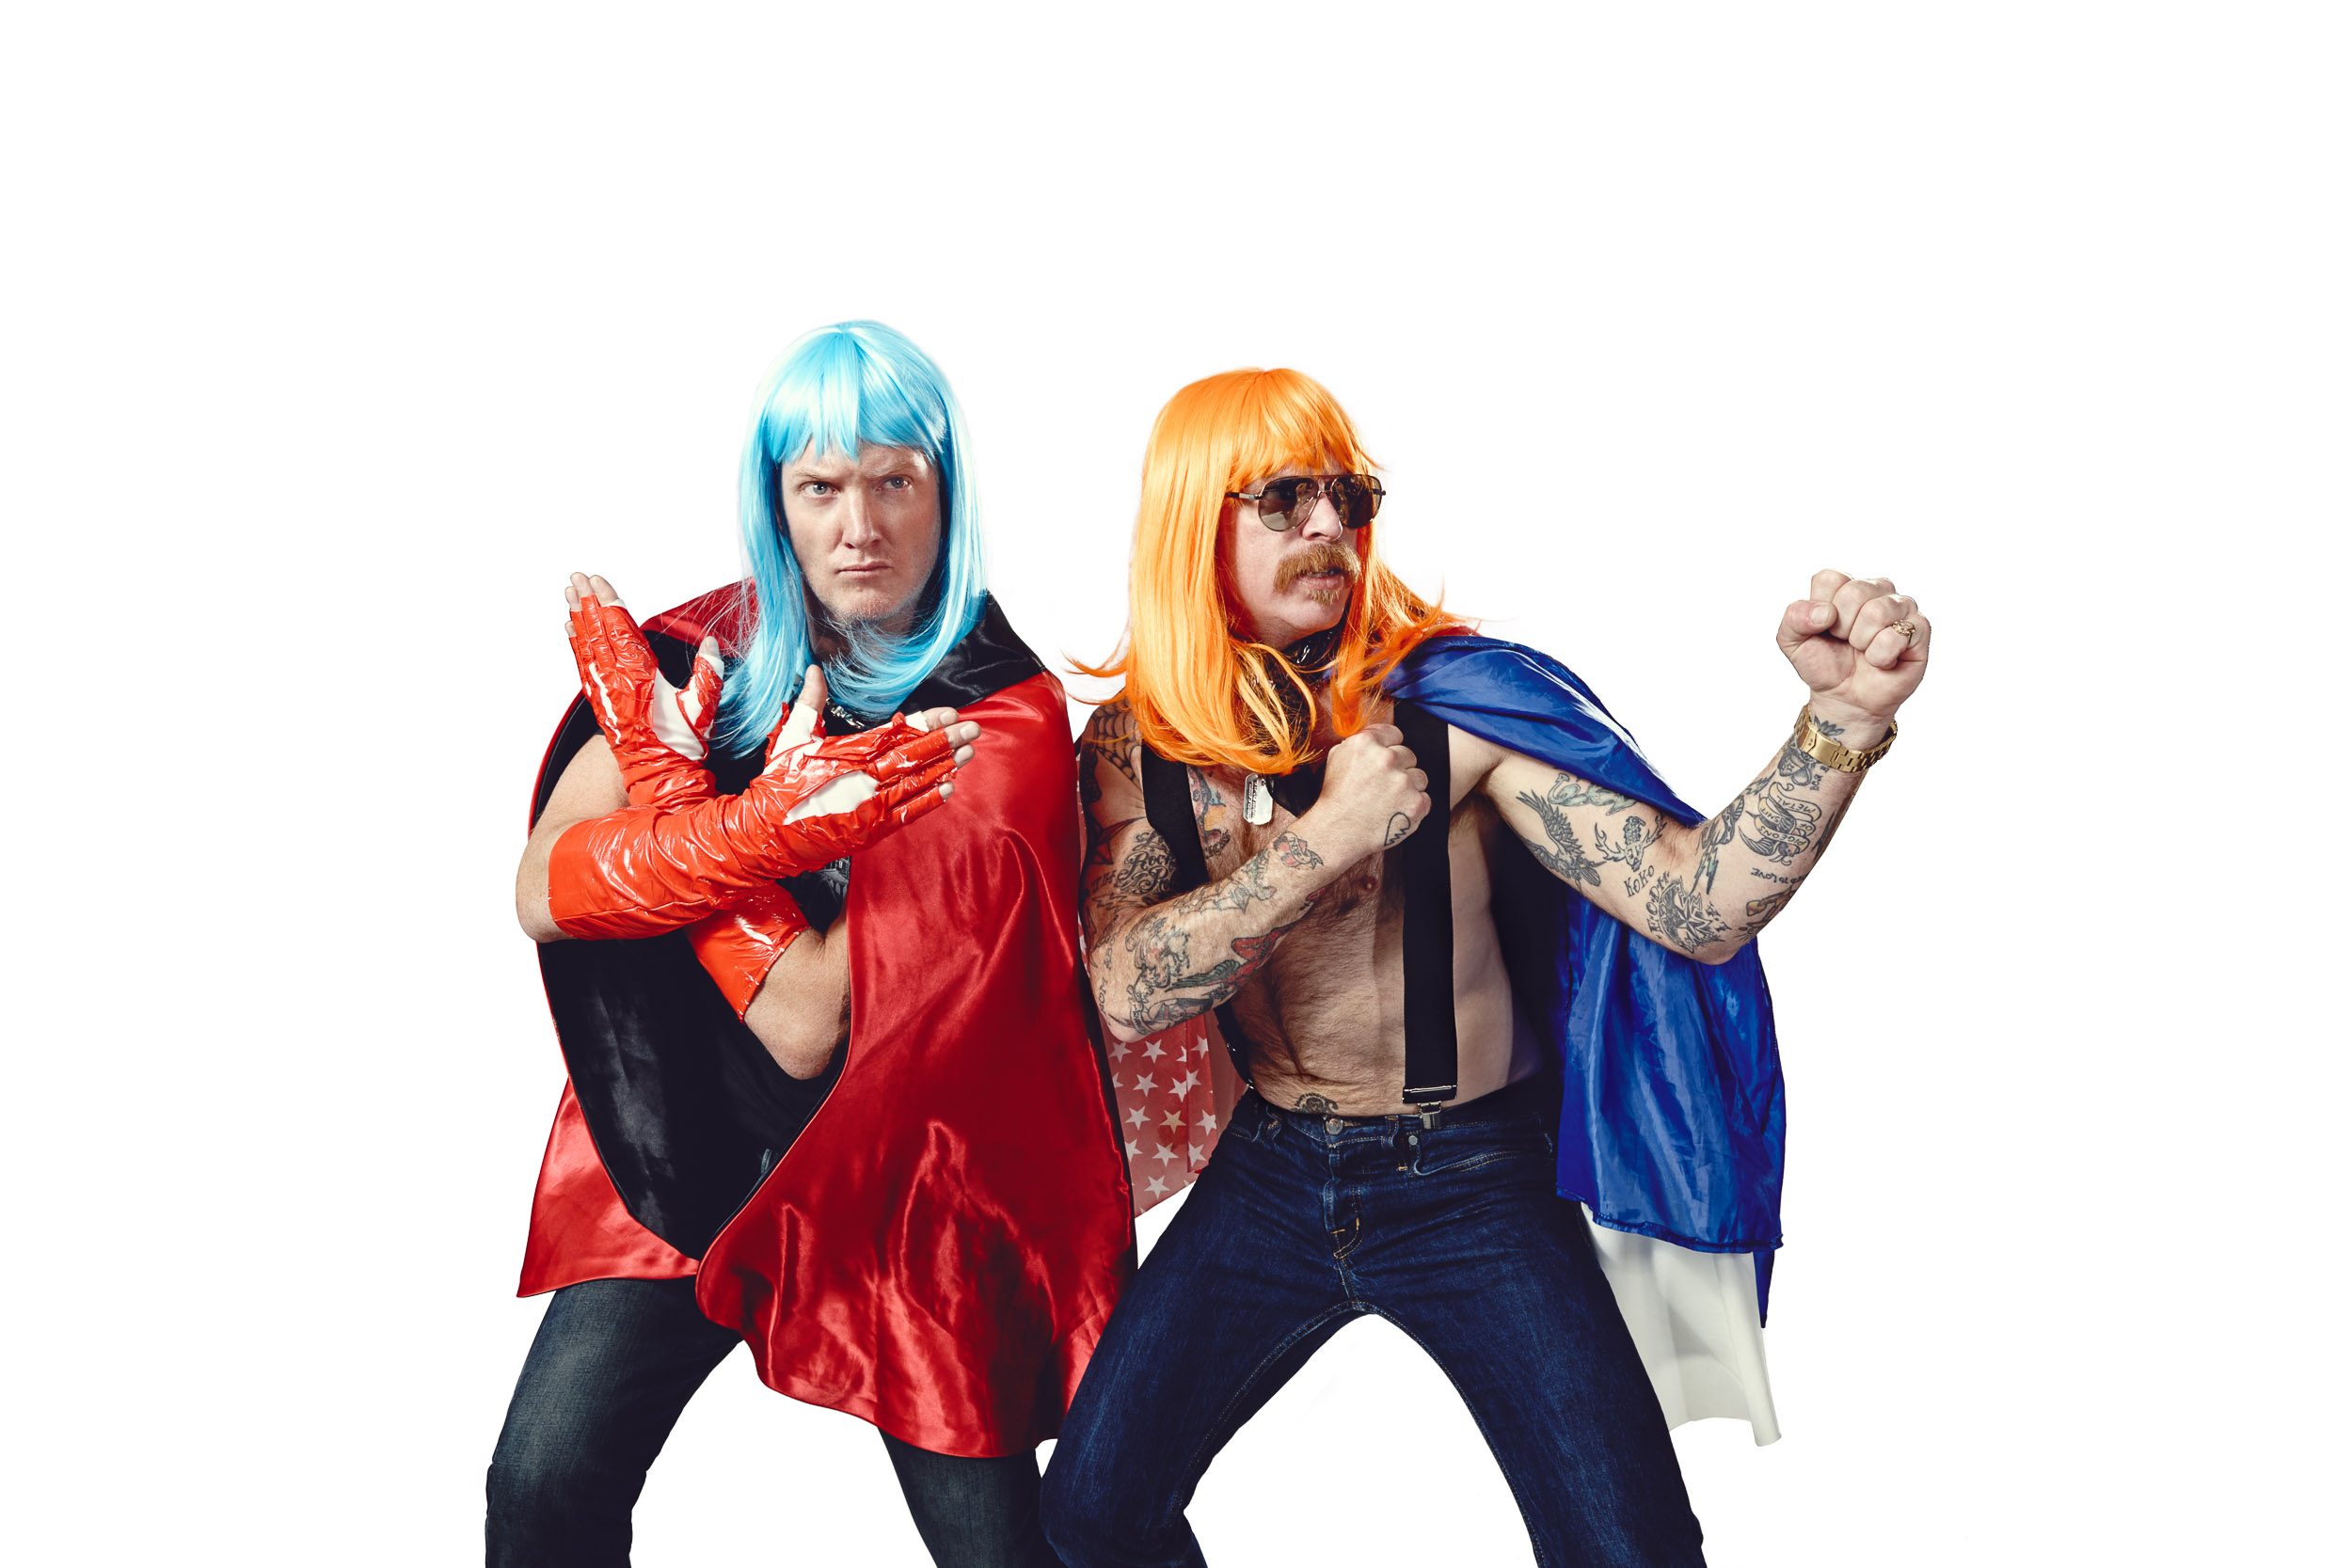 Eagles of Death Metal_Josh Homme-Jesse Hughes_Chapman_Baehler05.jpg